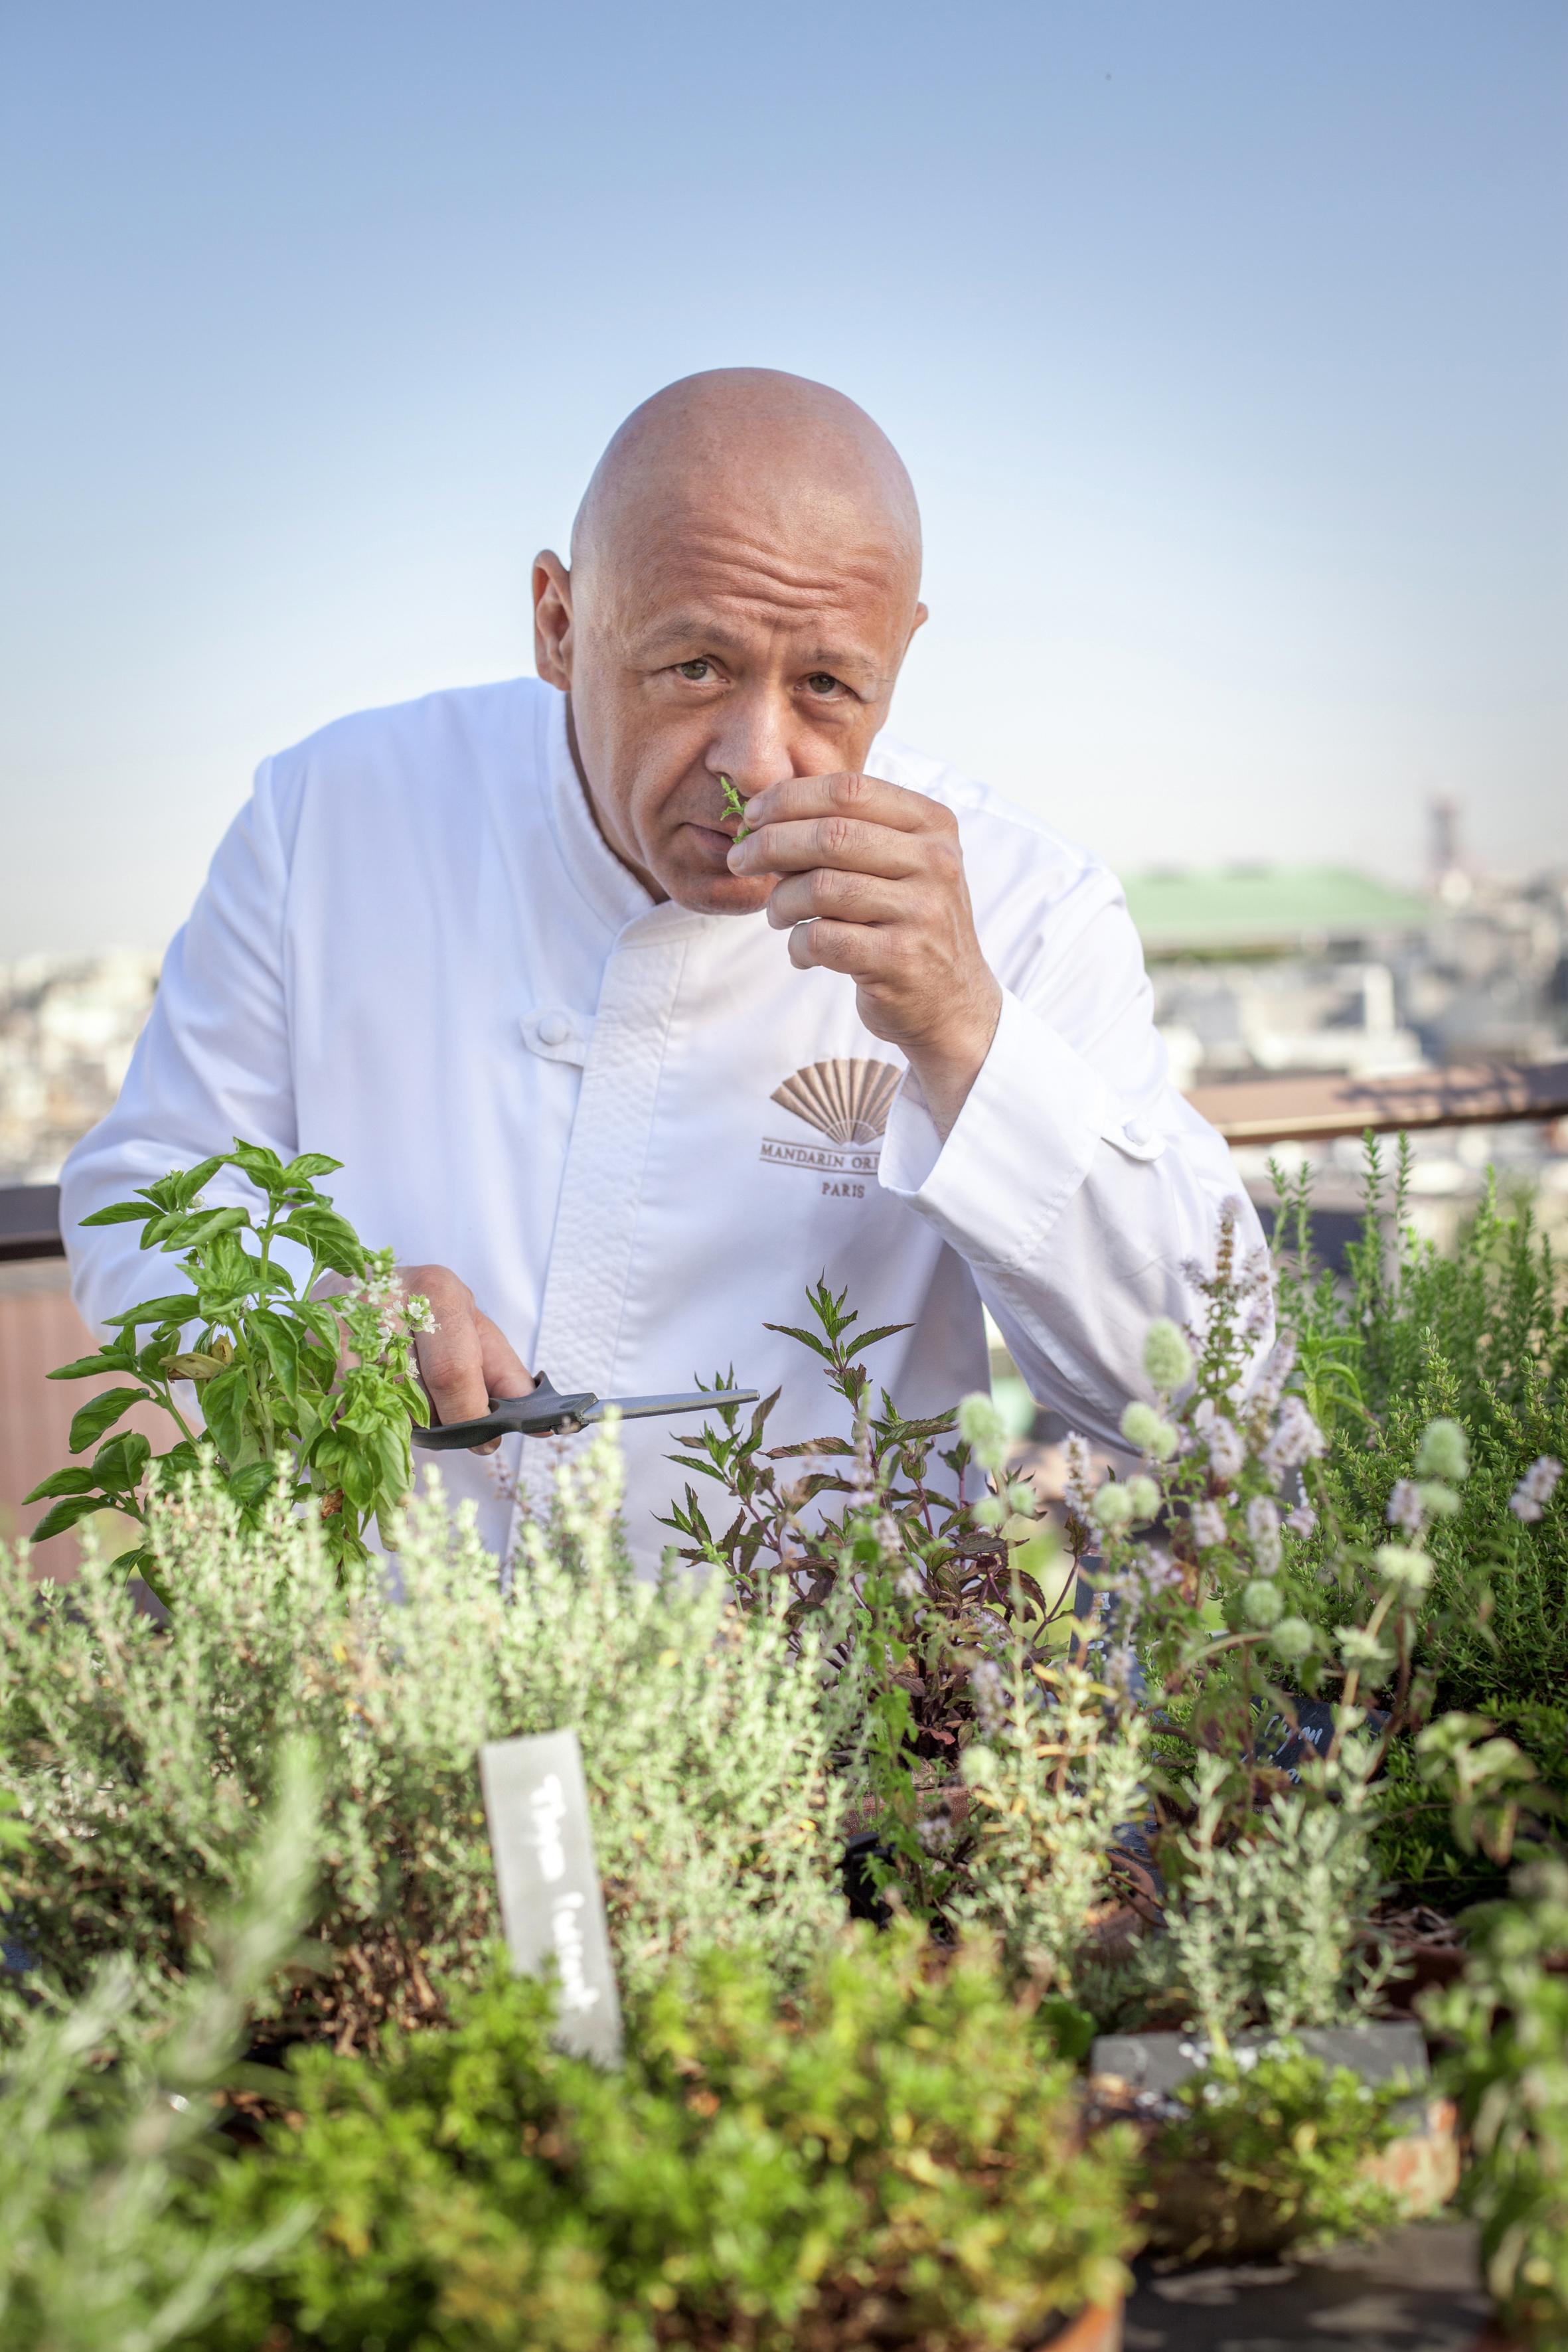 Potager de Thierry MARX / Hôtel Mandarin Oriental Paris   Perché sur le toit du Mandarin Oriental Paris, un nouveau concept à plantes aromatiques pour le chef étoilé Thierry Marx a été imaginé par l'Agence Christophe Gautrand & Associés.